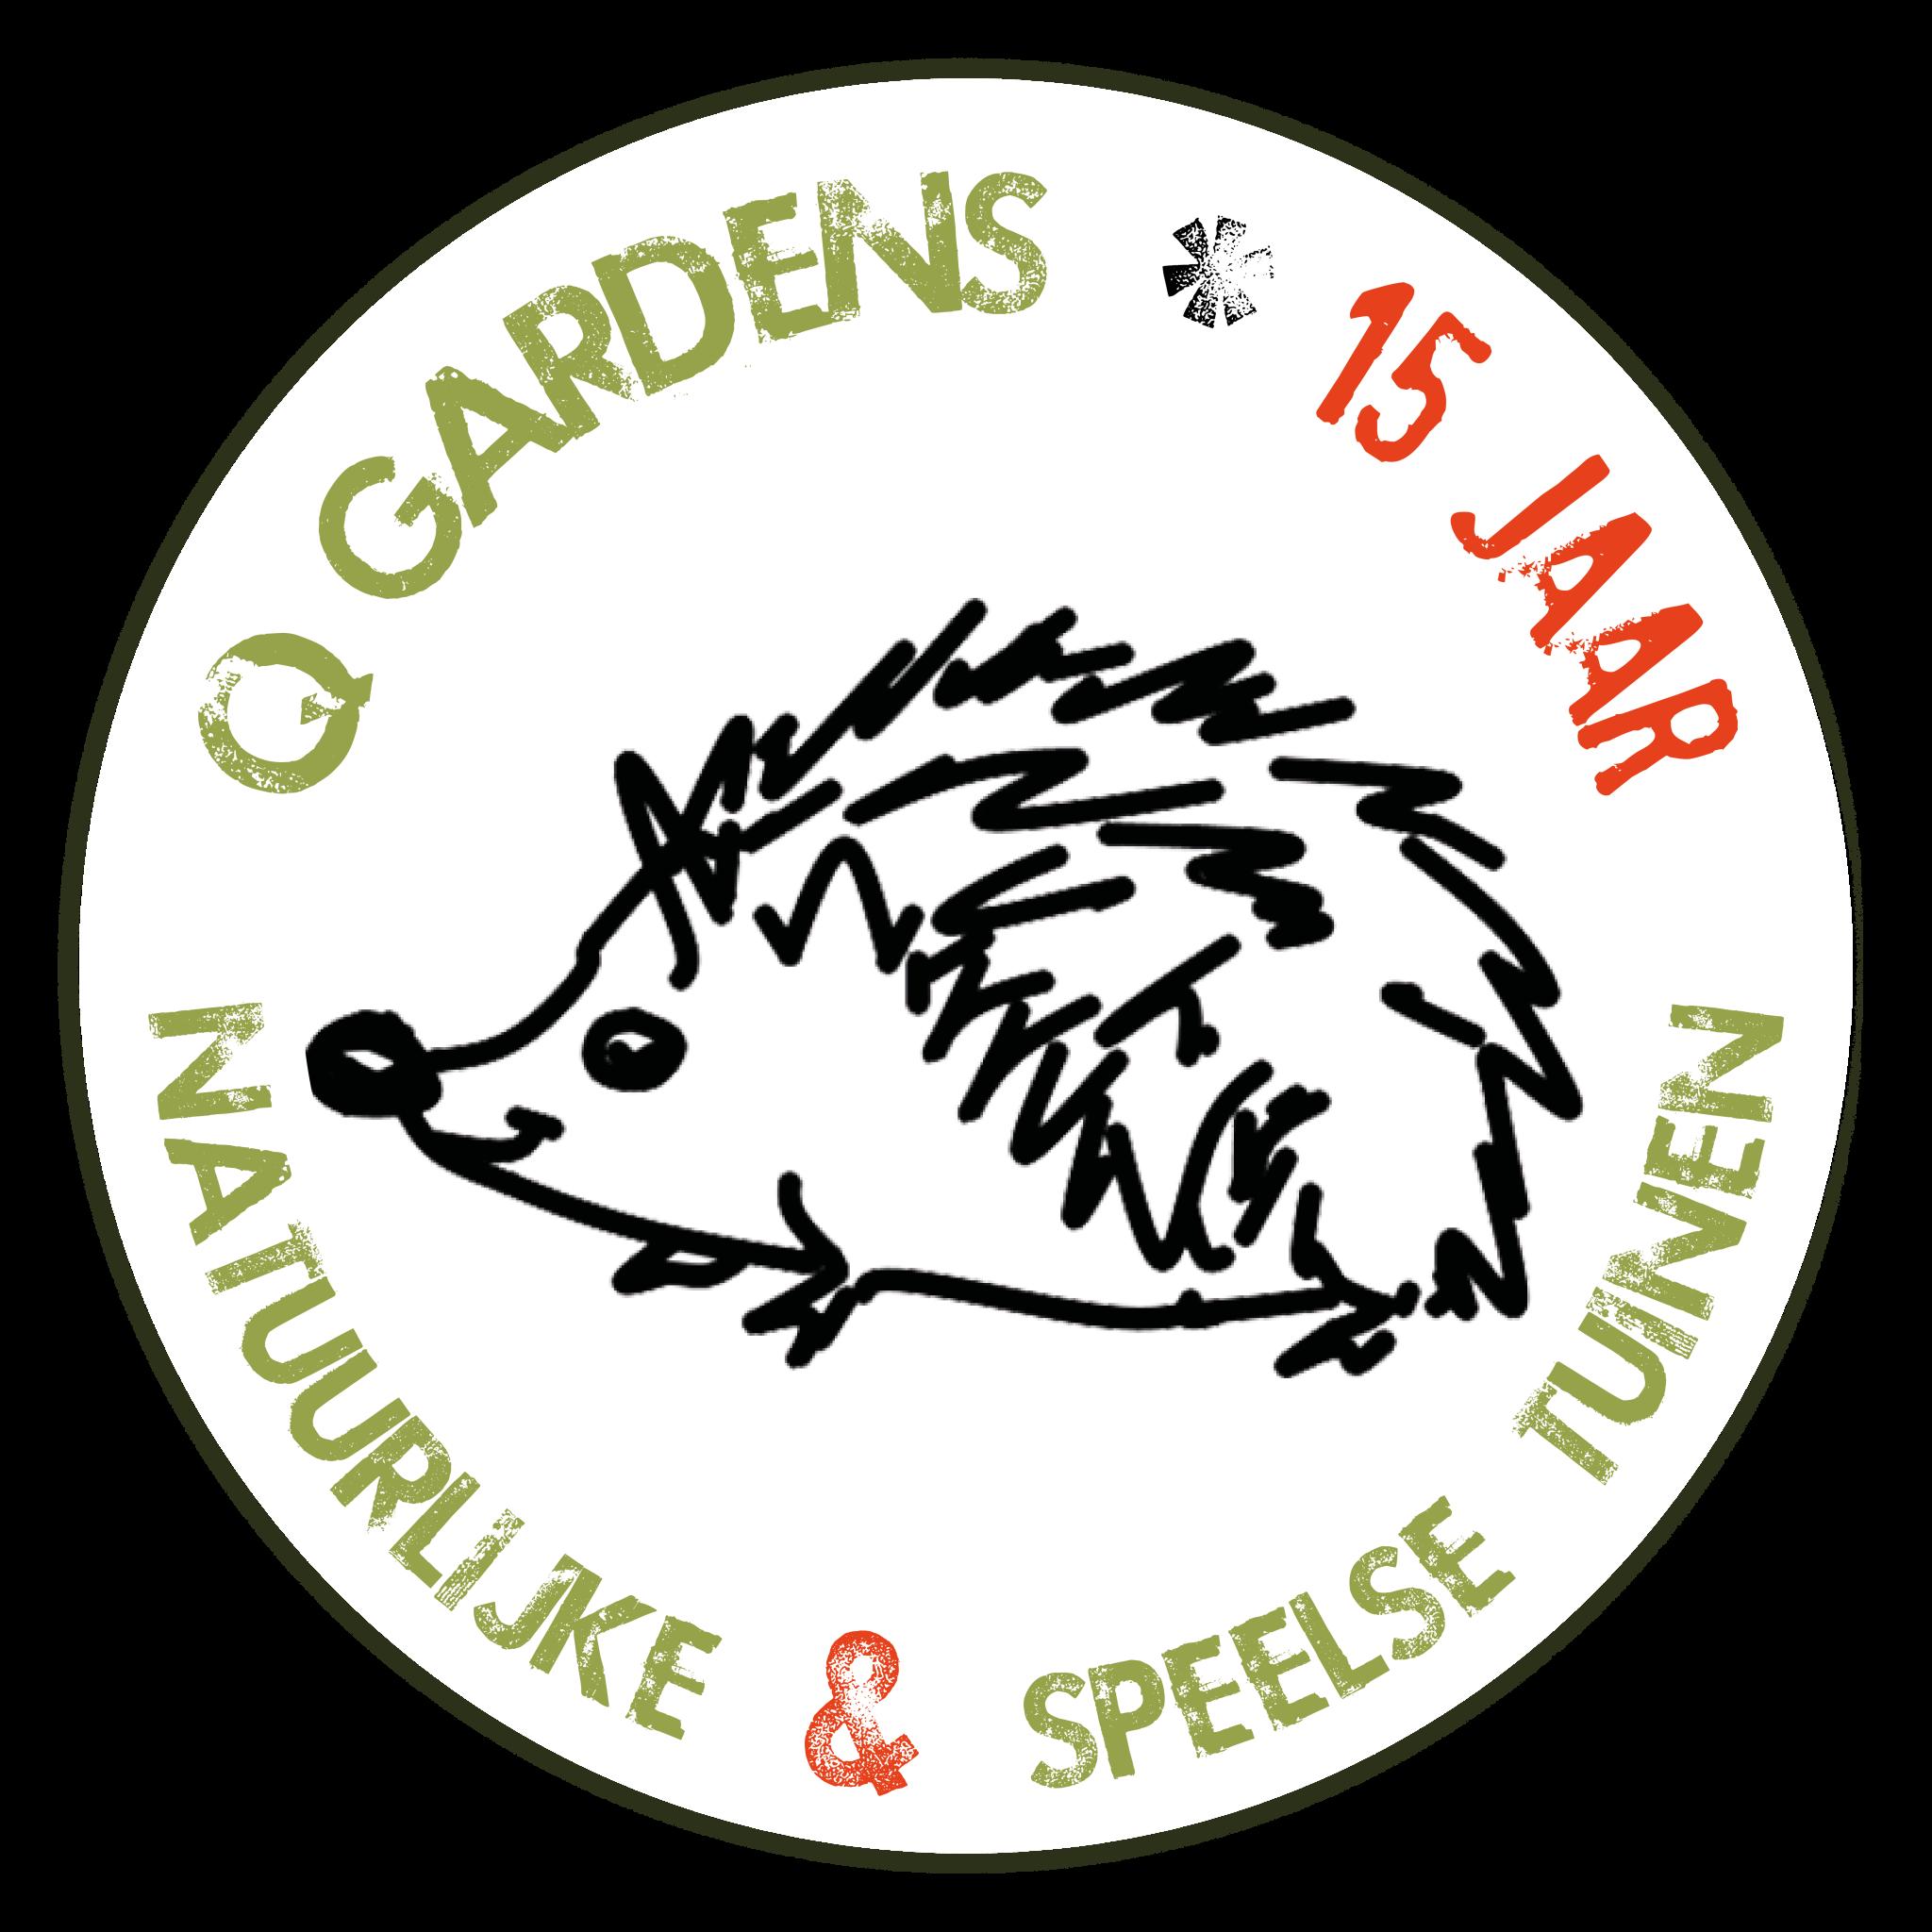 Q Gardens 15jaar